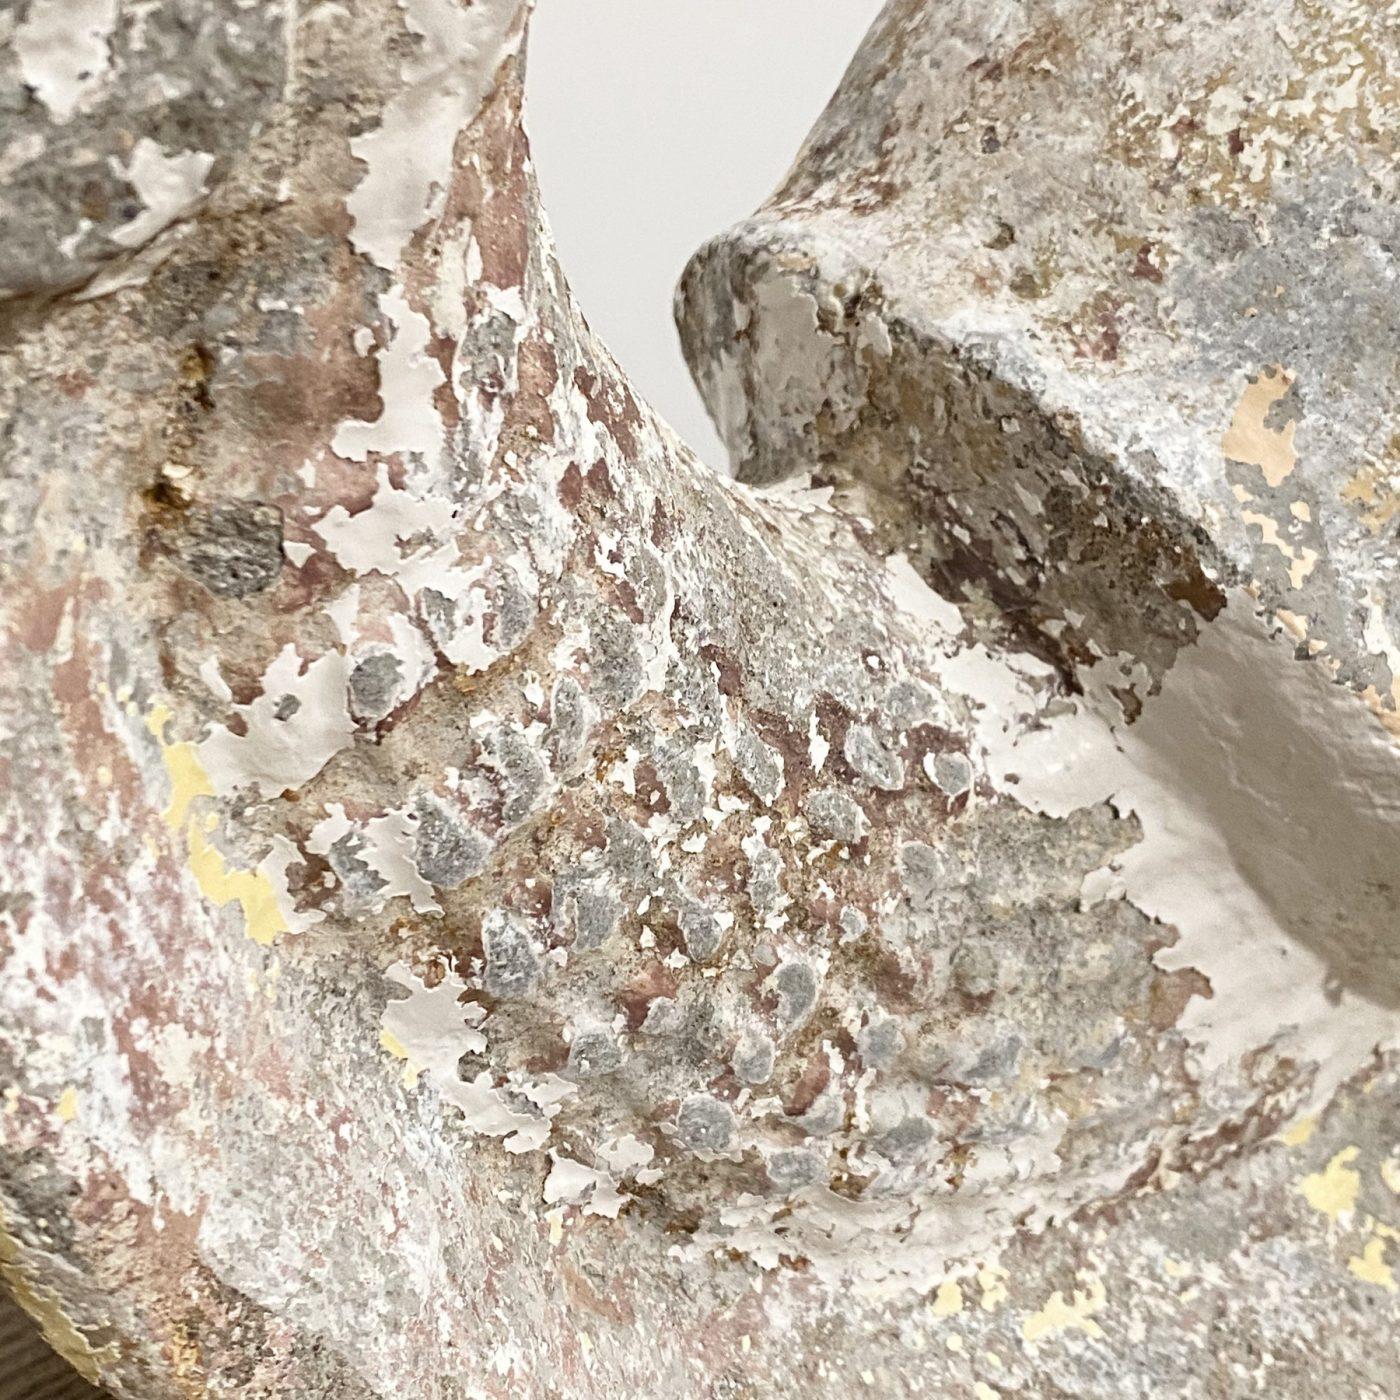 objet-vagabond-concrete-sculpture0004